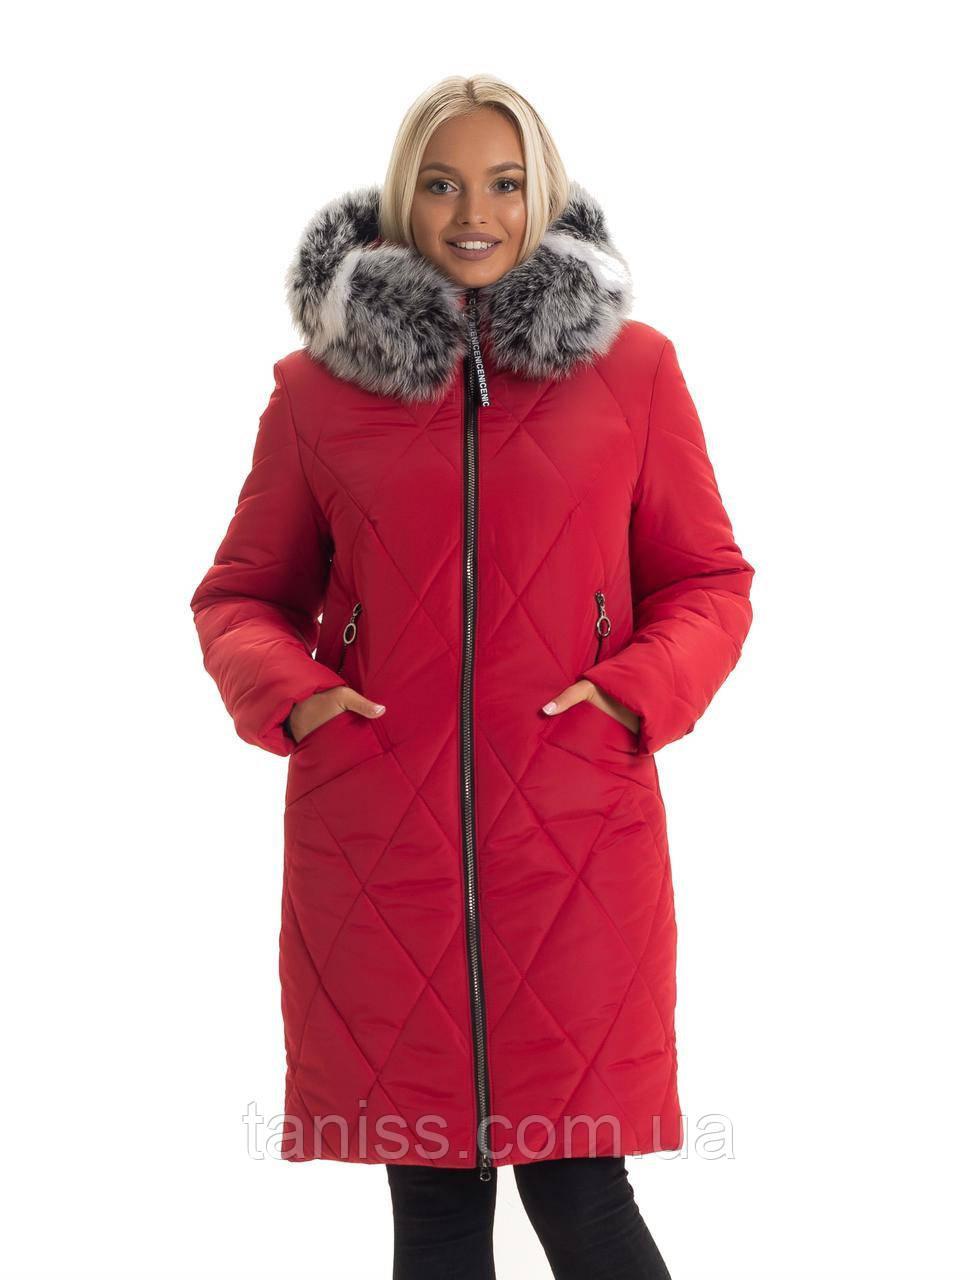 Зимовий жіночий пуховик великого розміру,хутро песця знімний. капюшон вшитий. розм. 44,46,48,50 червоний